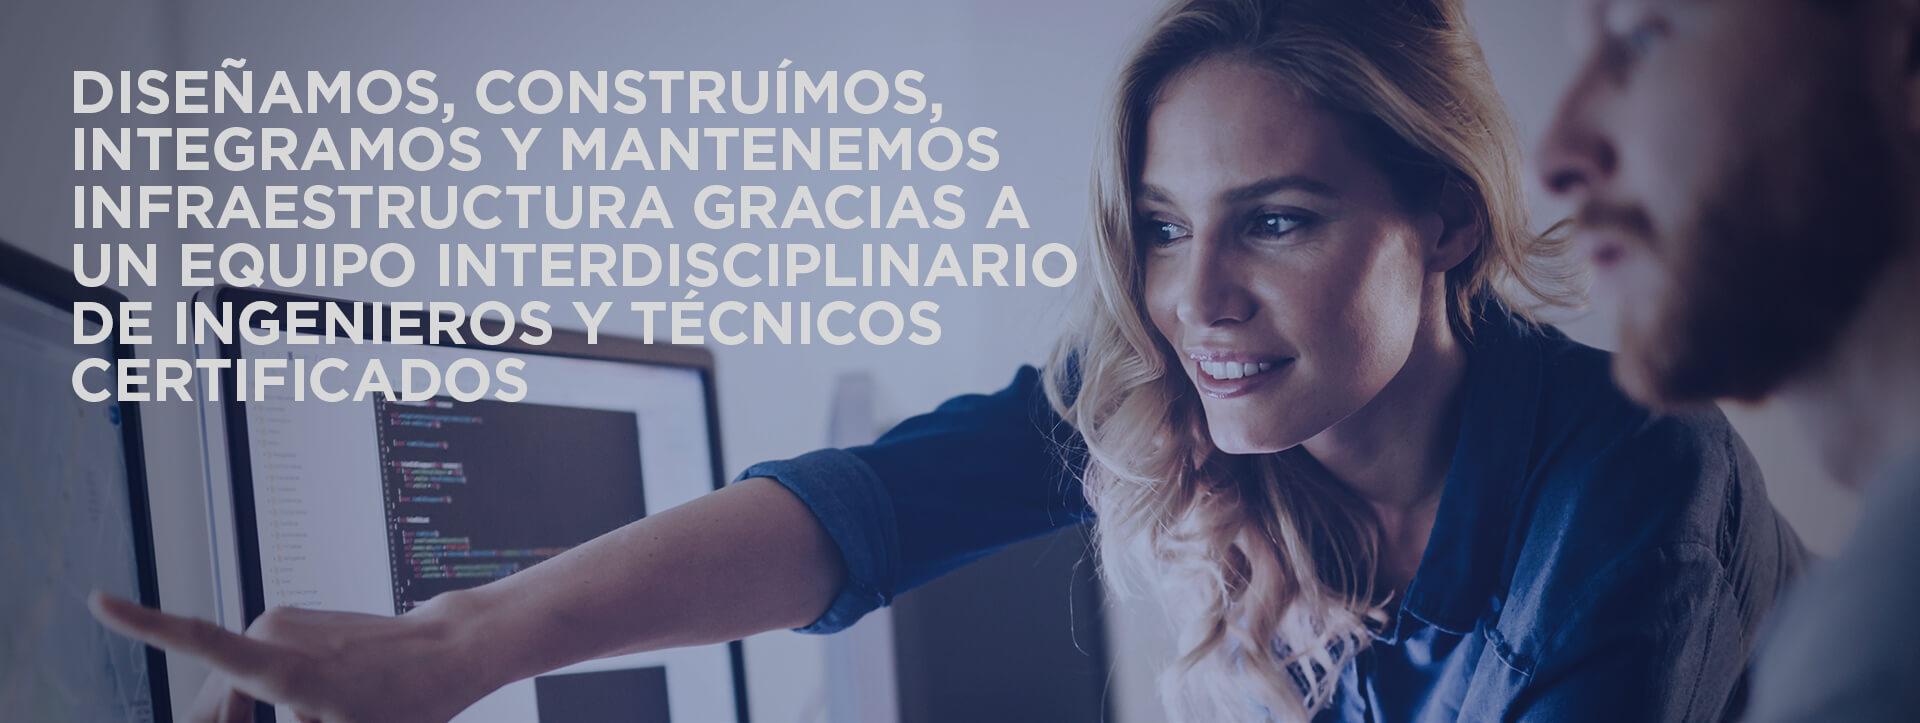 Banner continuidad del negocio UPSISTEMAS